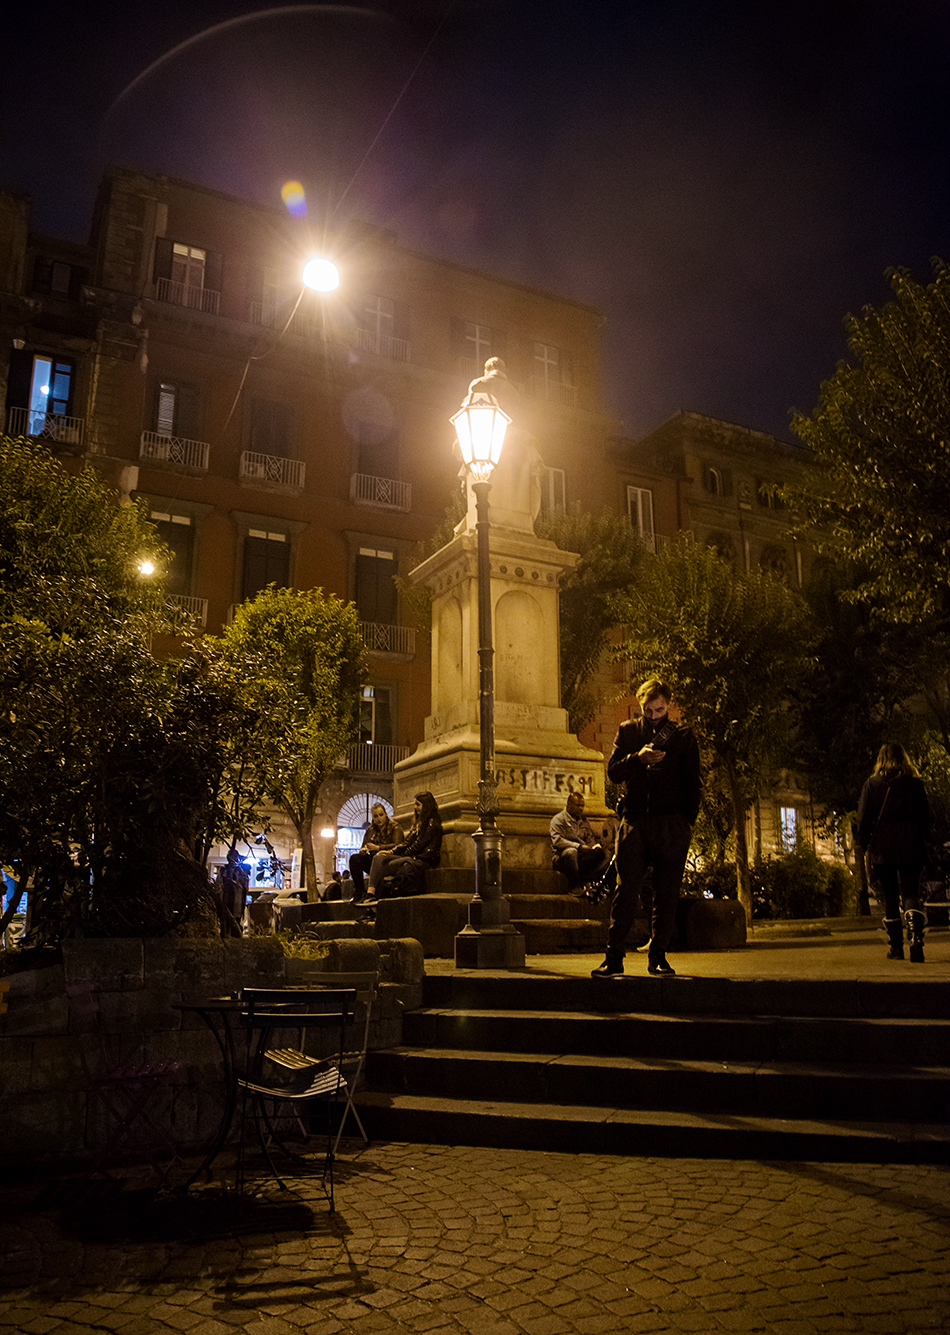 Neapel / Napoli, Piazza Bellini